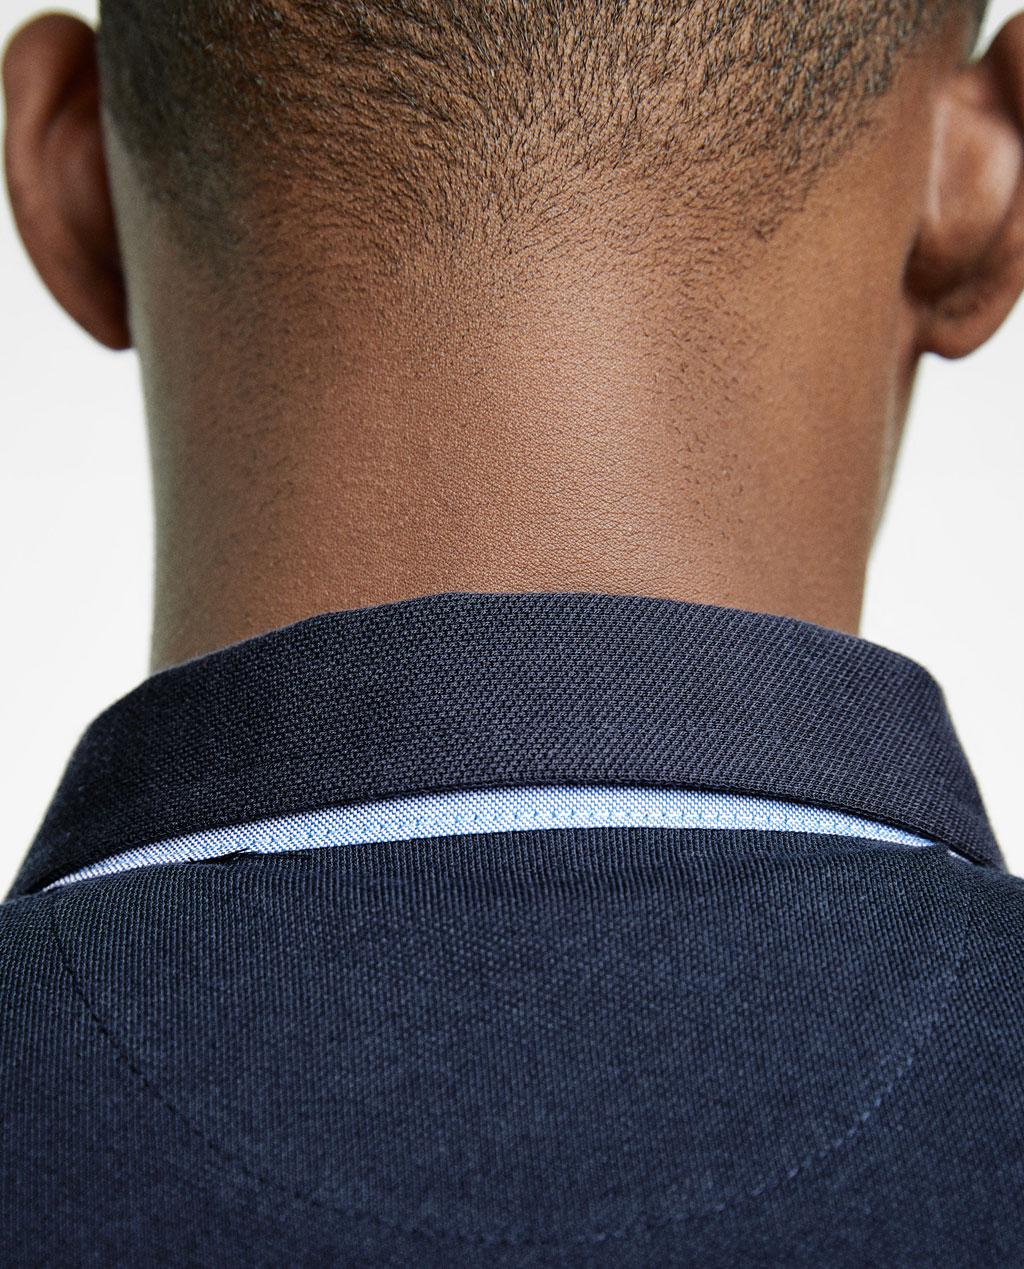 Thời trang nam Zara  23905 - ảnh 7